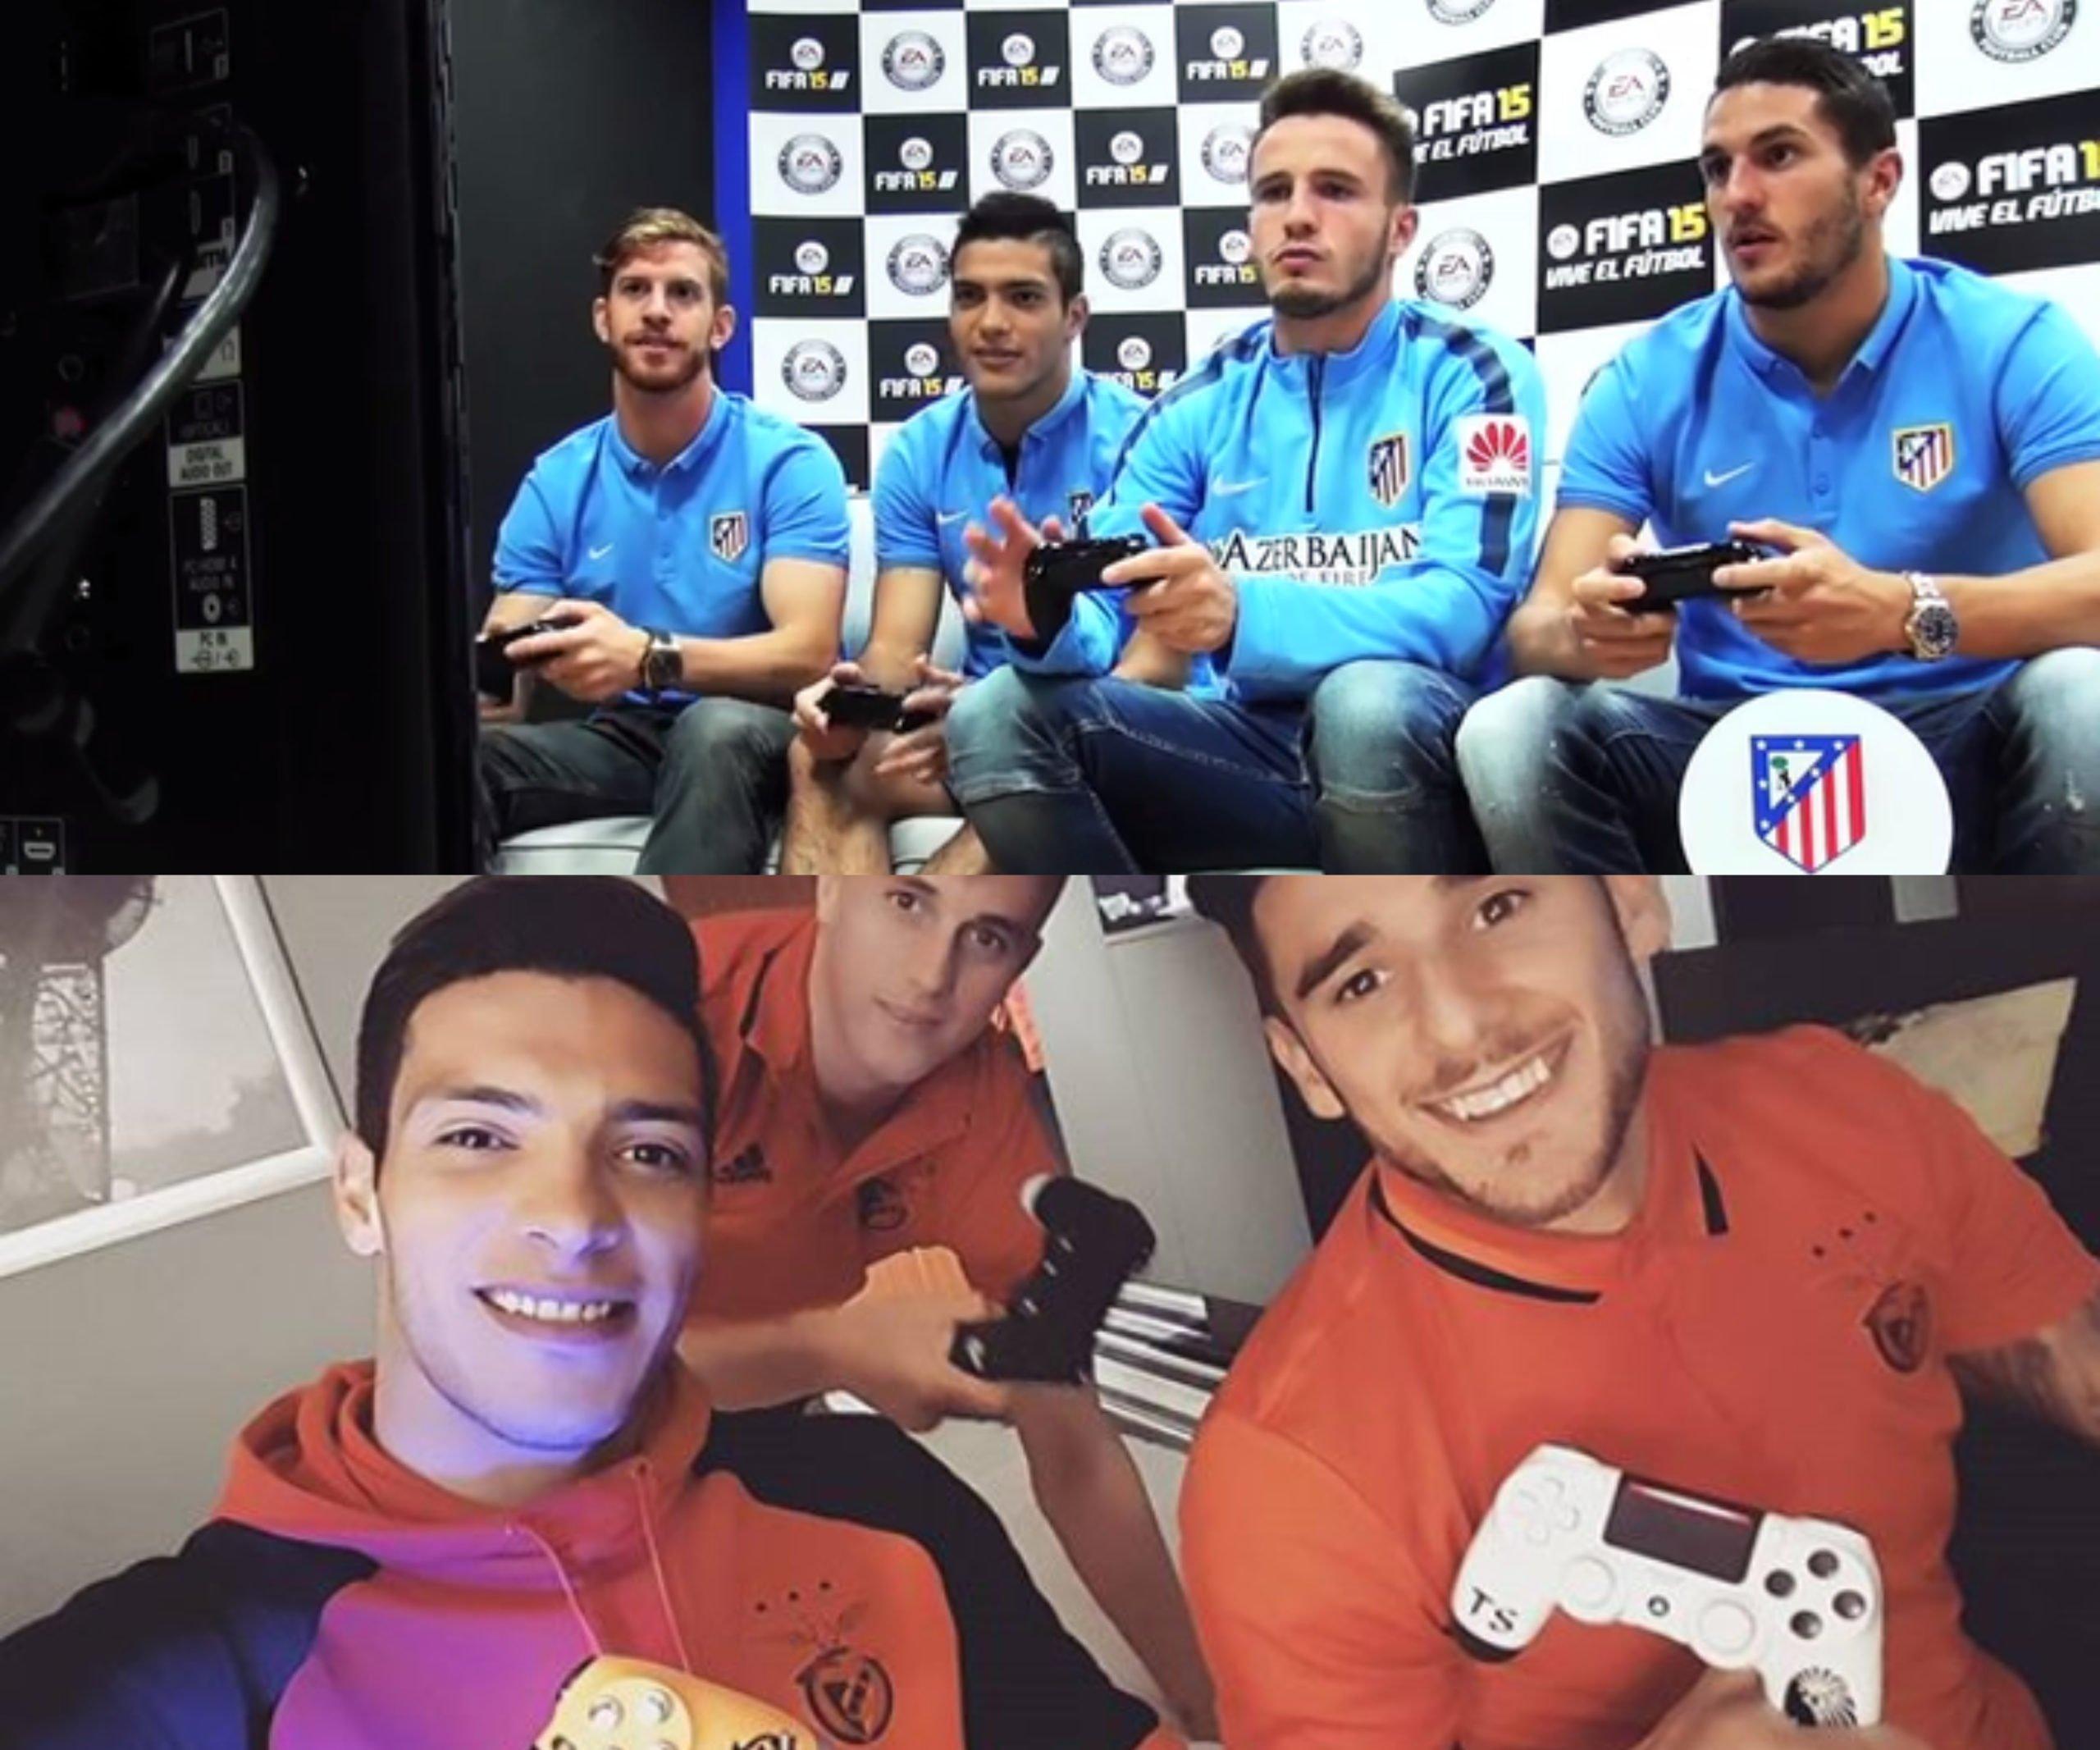 Algunos deportistas profesionales jugando a videojuegos